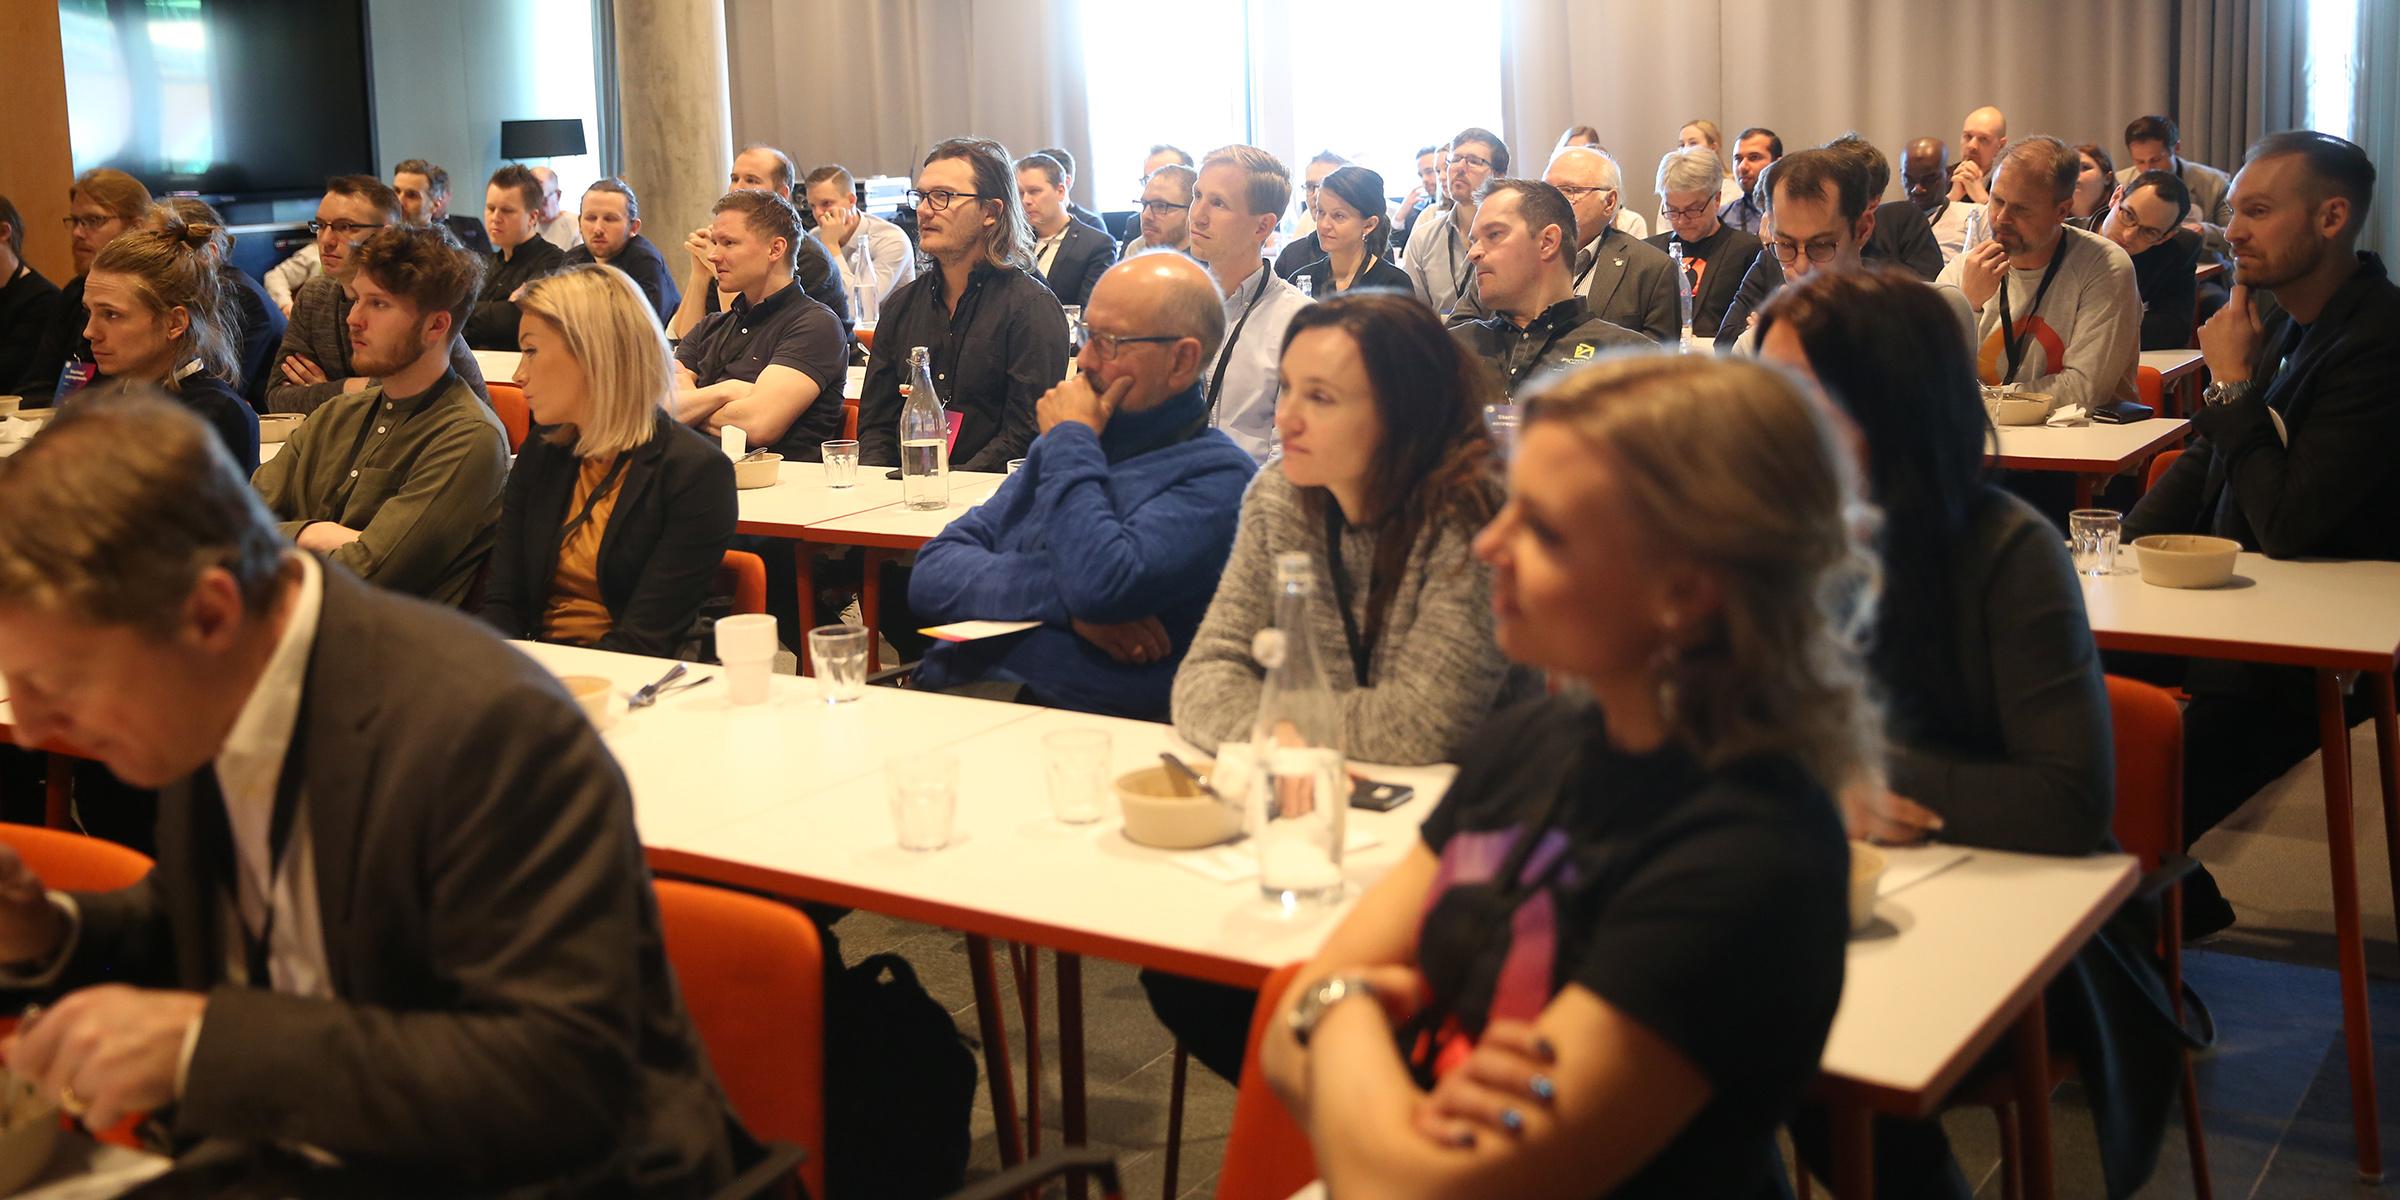 Stort intresse för att ta del av investerarnas råd till startupföretag.